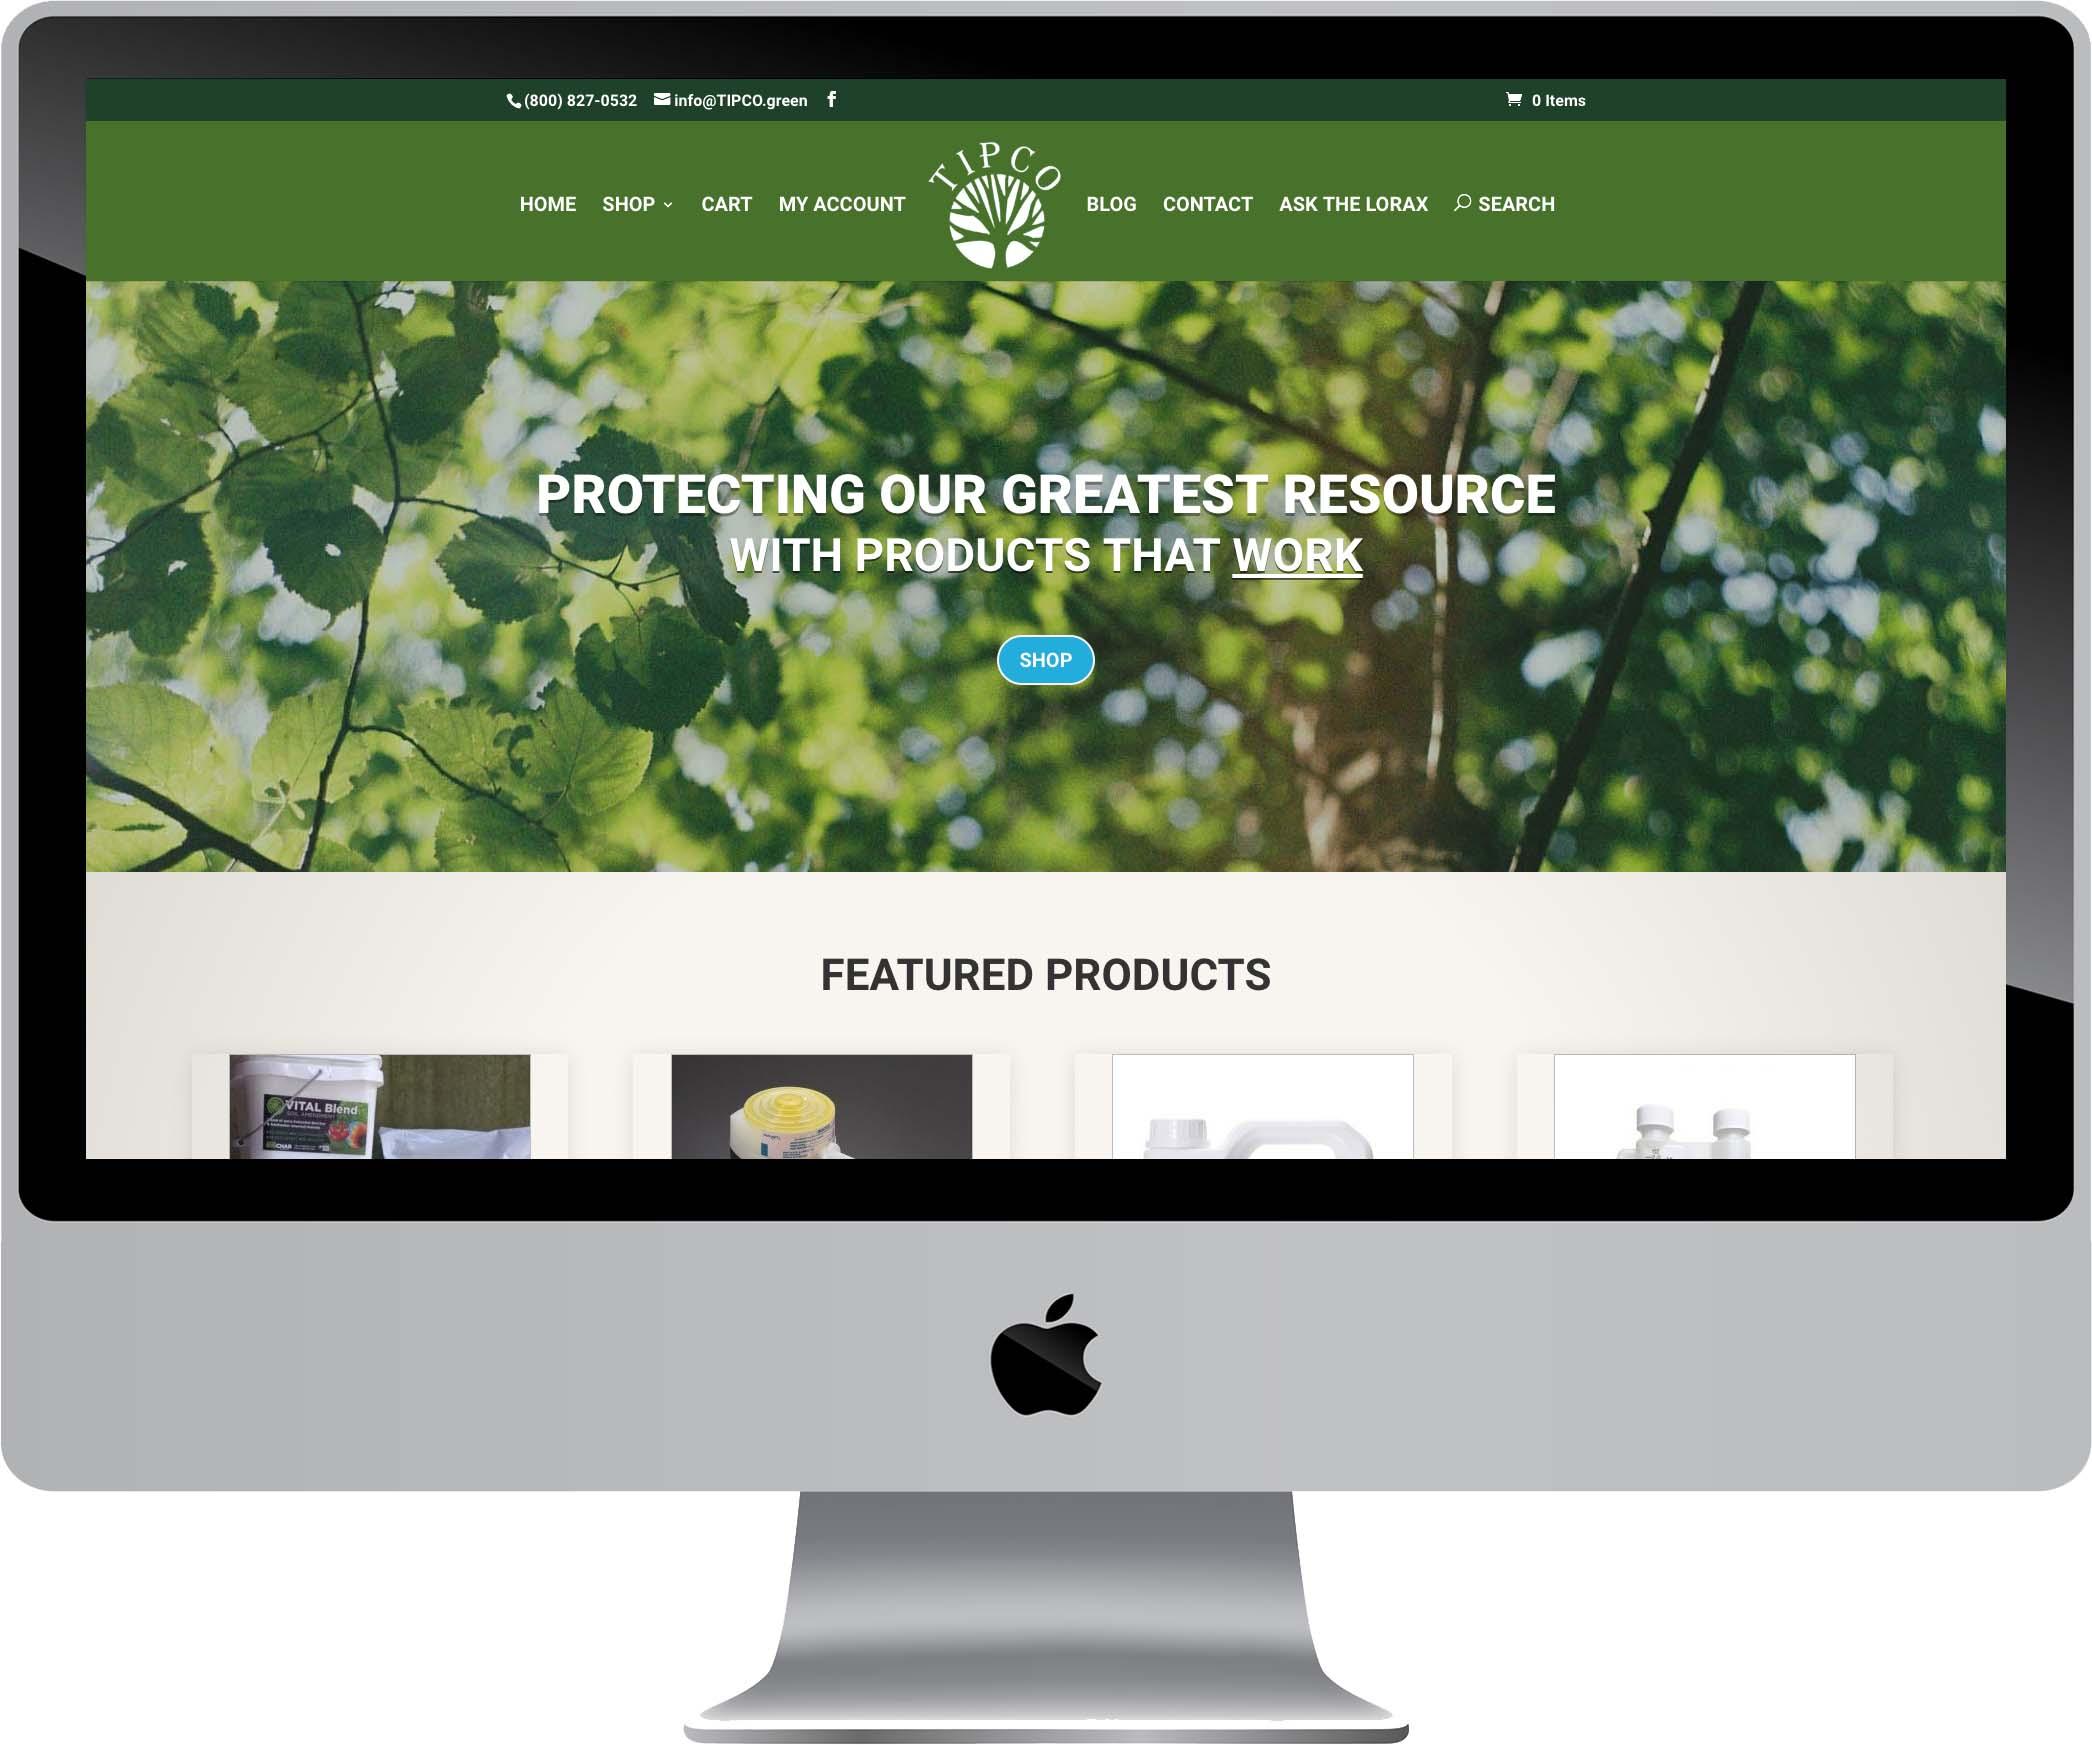 TIPCO Website Design